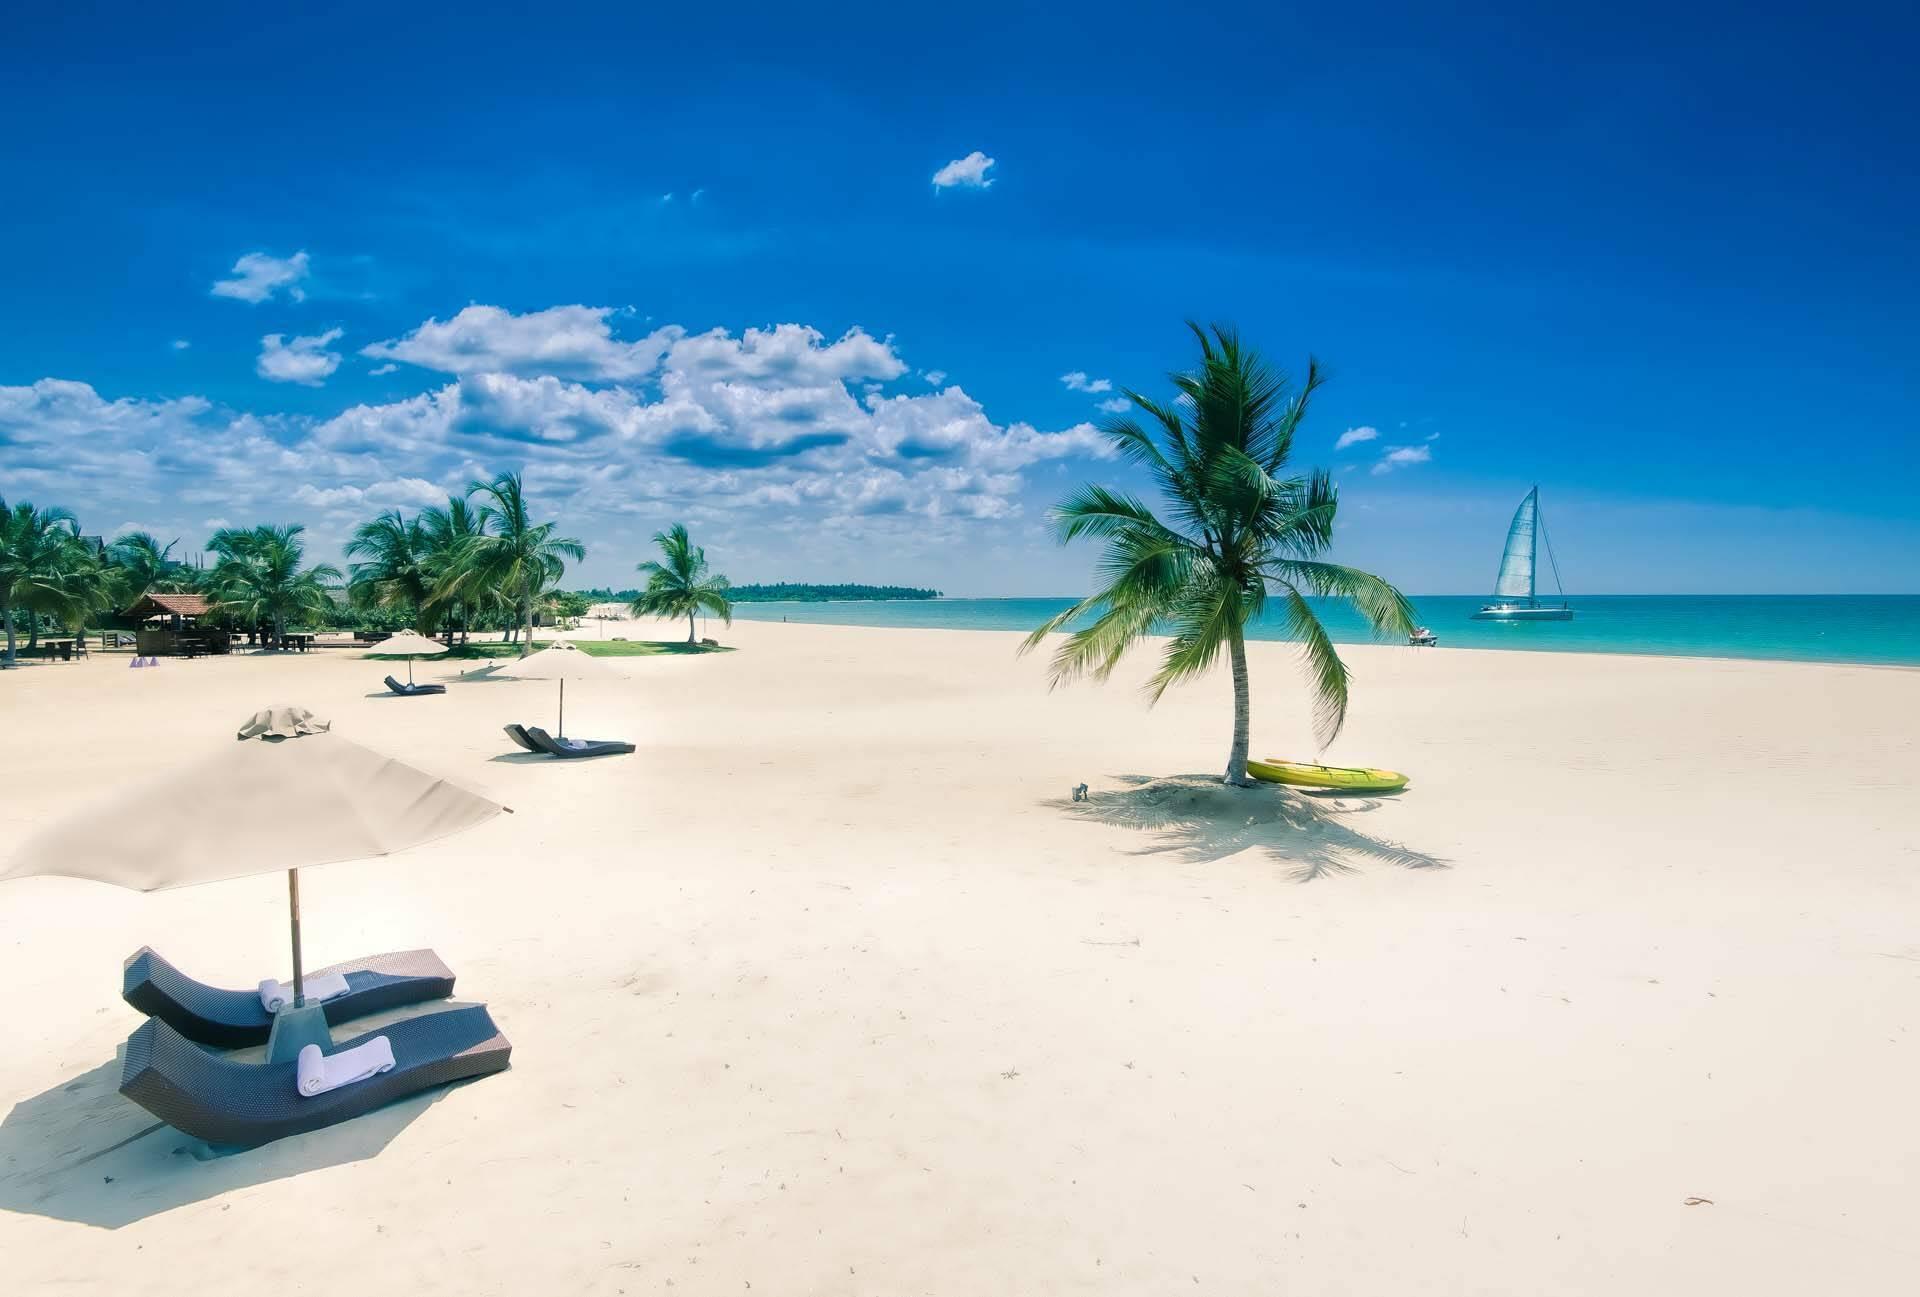 Sri Lanka Uga Bay Plage Midday